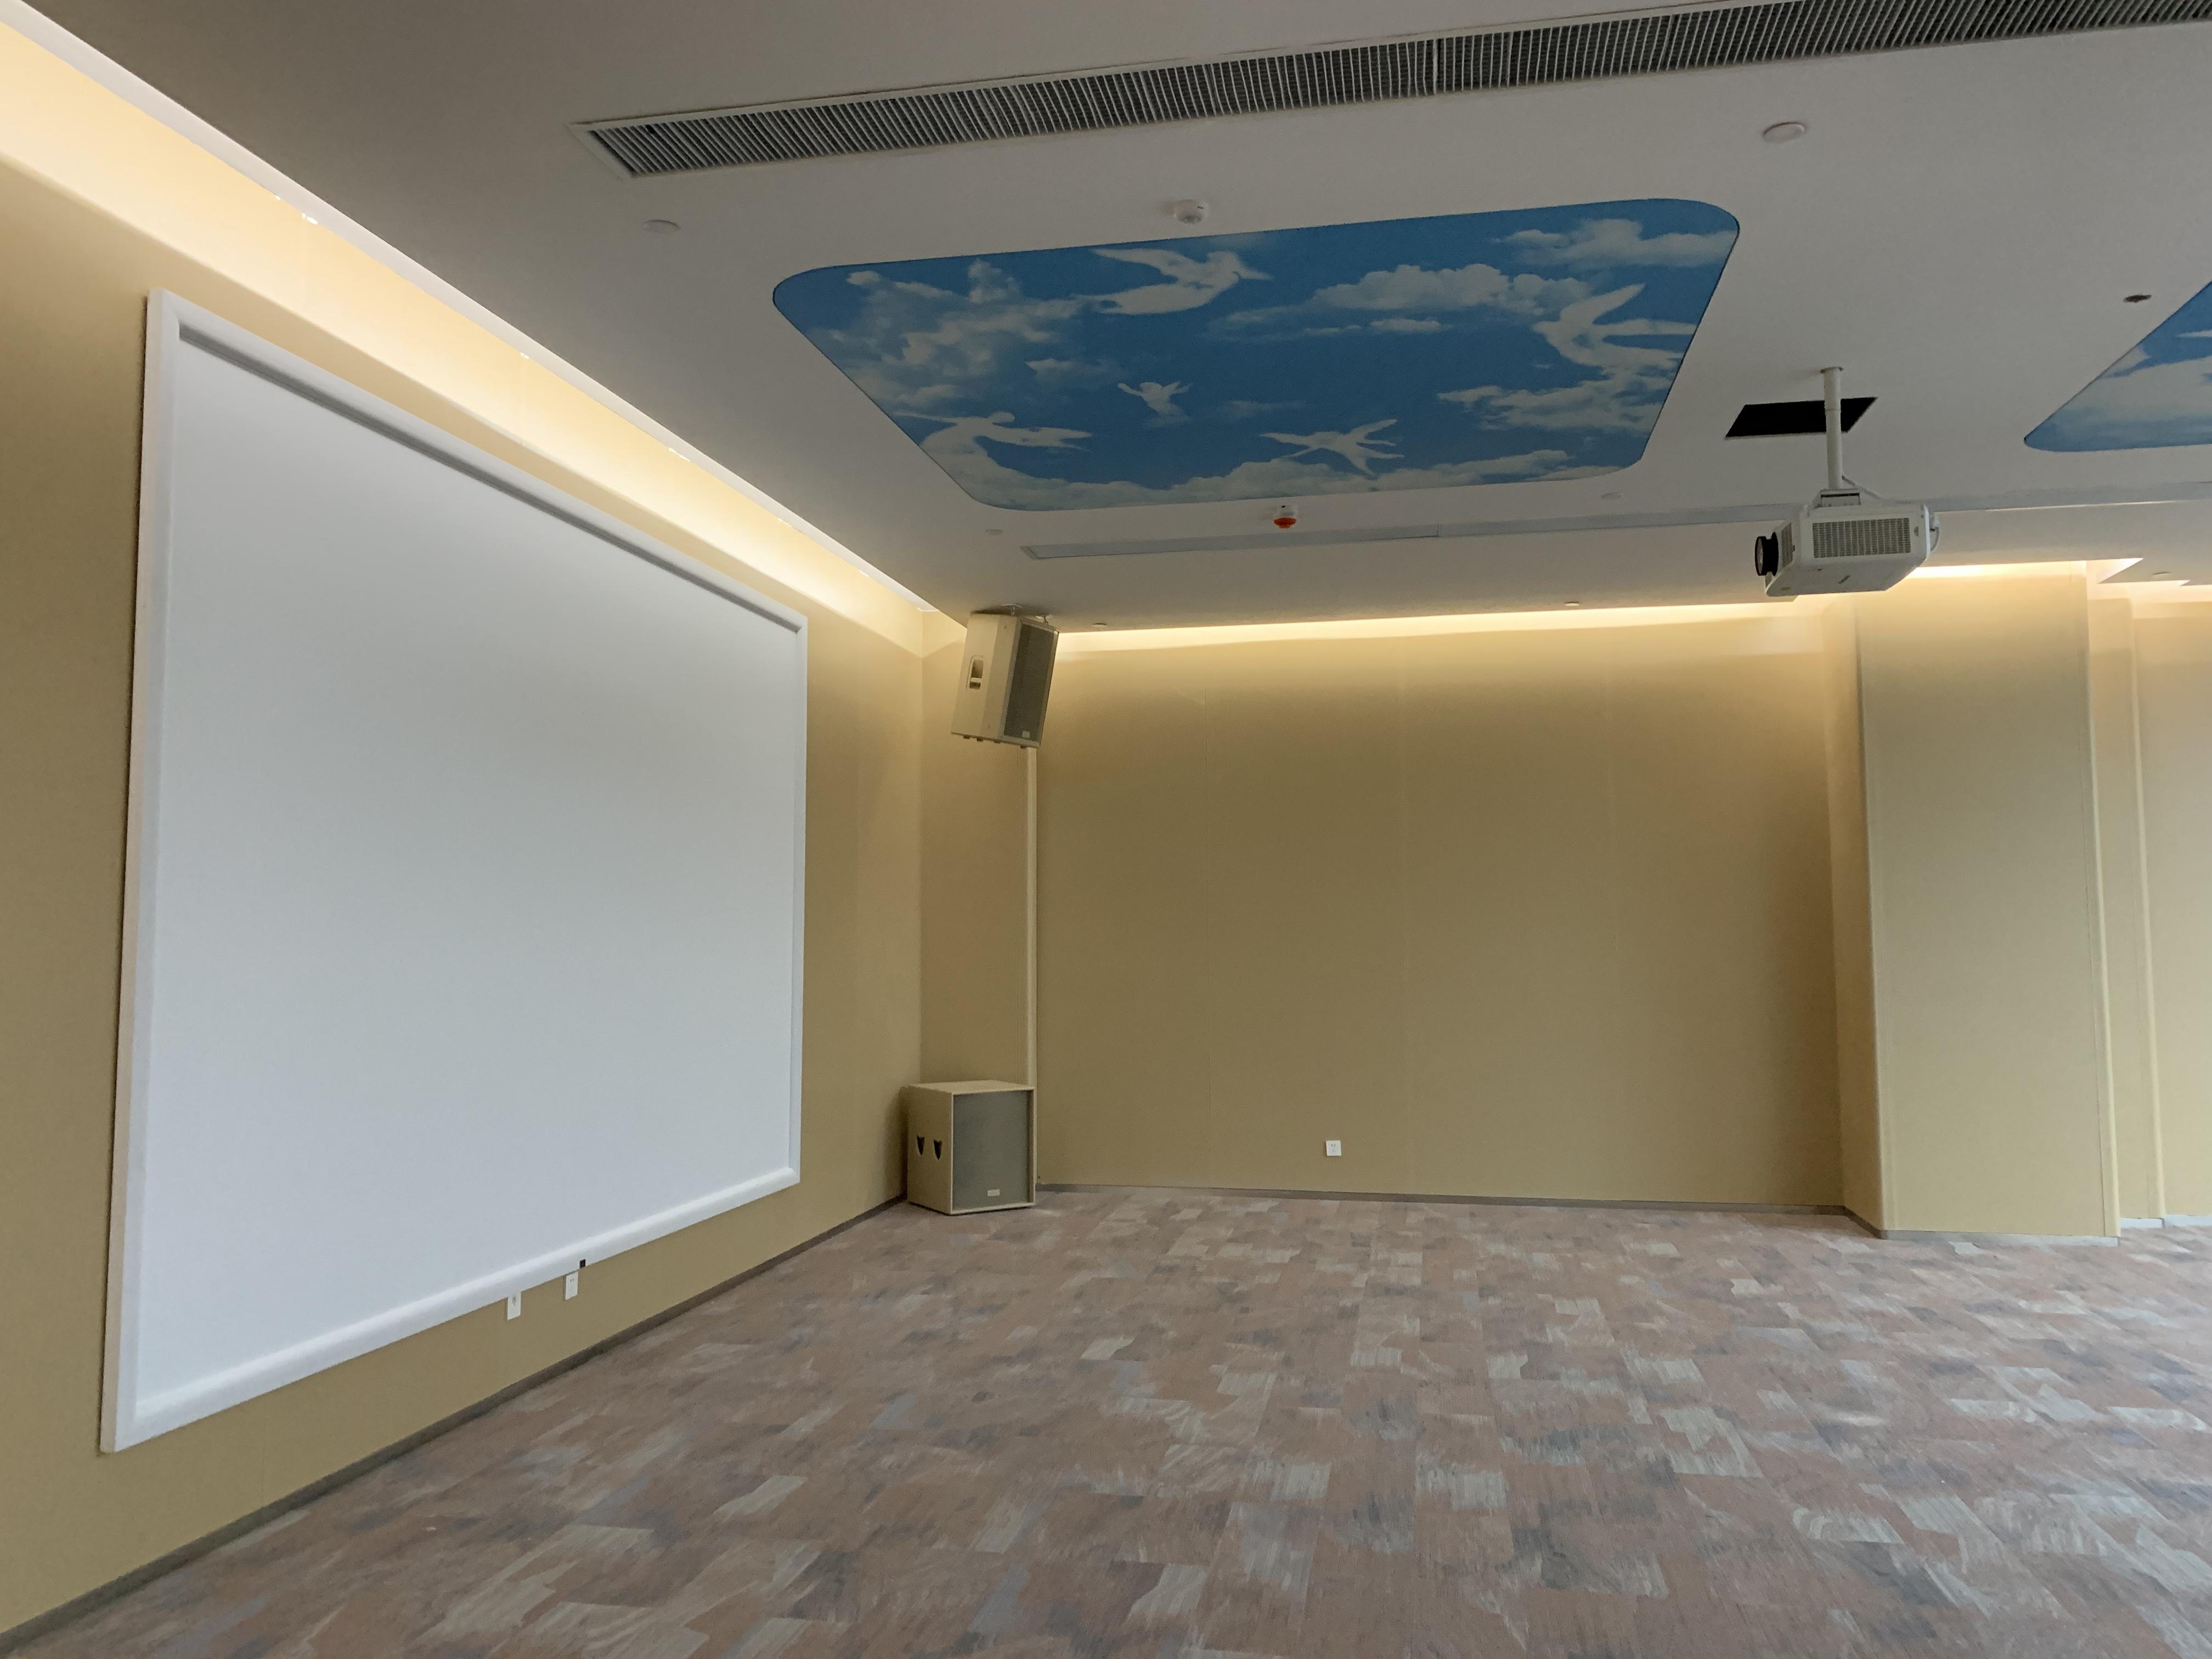 西安宝丽昌音响为某大型上市医院制定的音乐治疗室解决方案分享